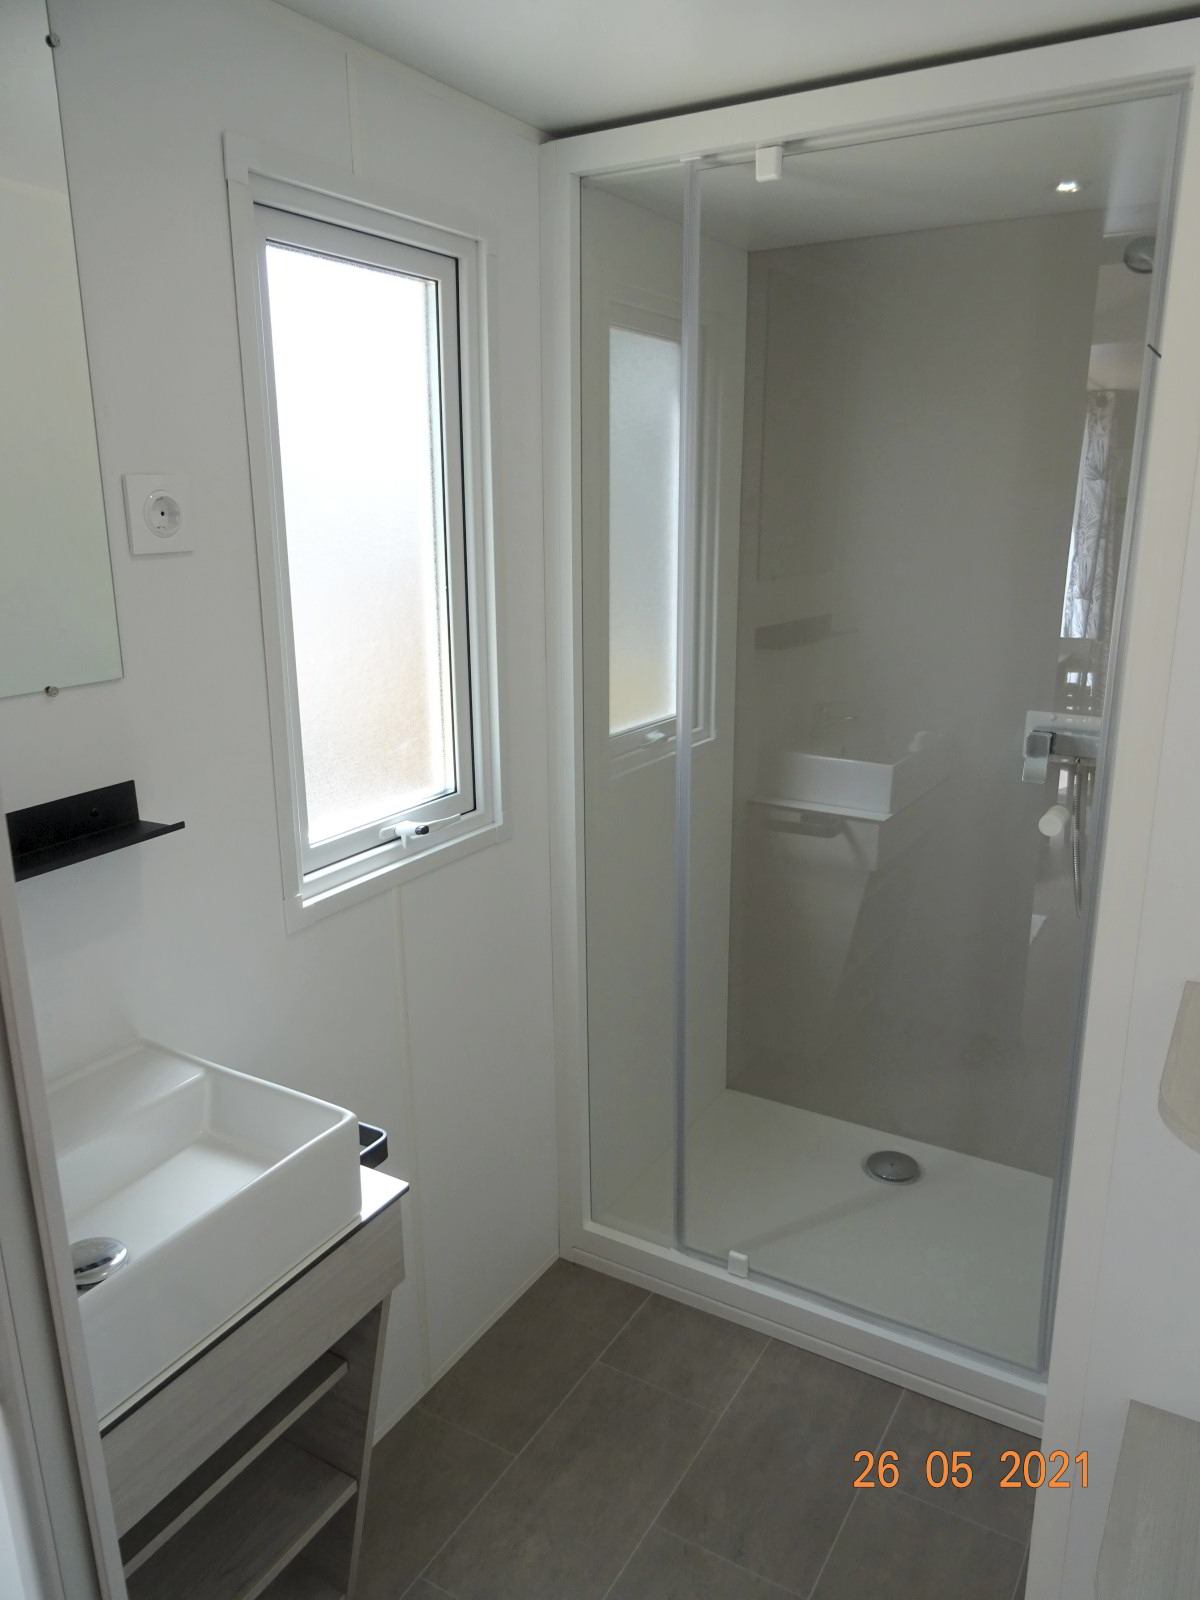 Sanitair, nieuwe stacaravan met 2 slaapkamers